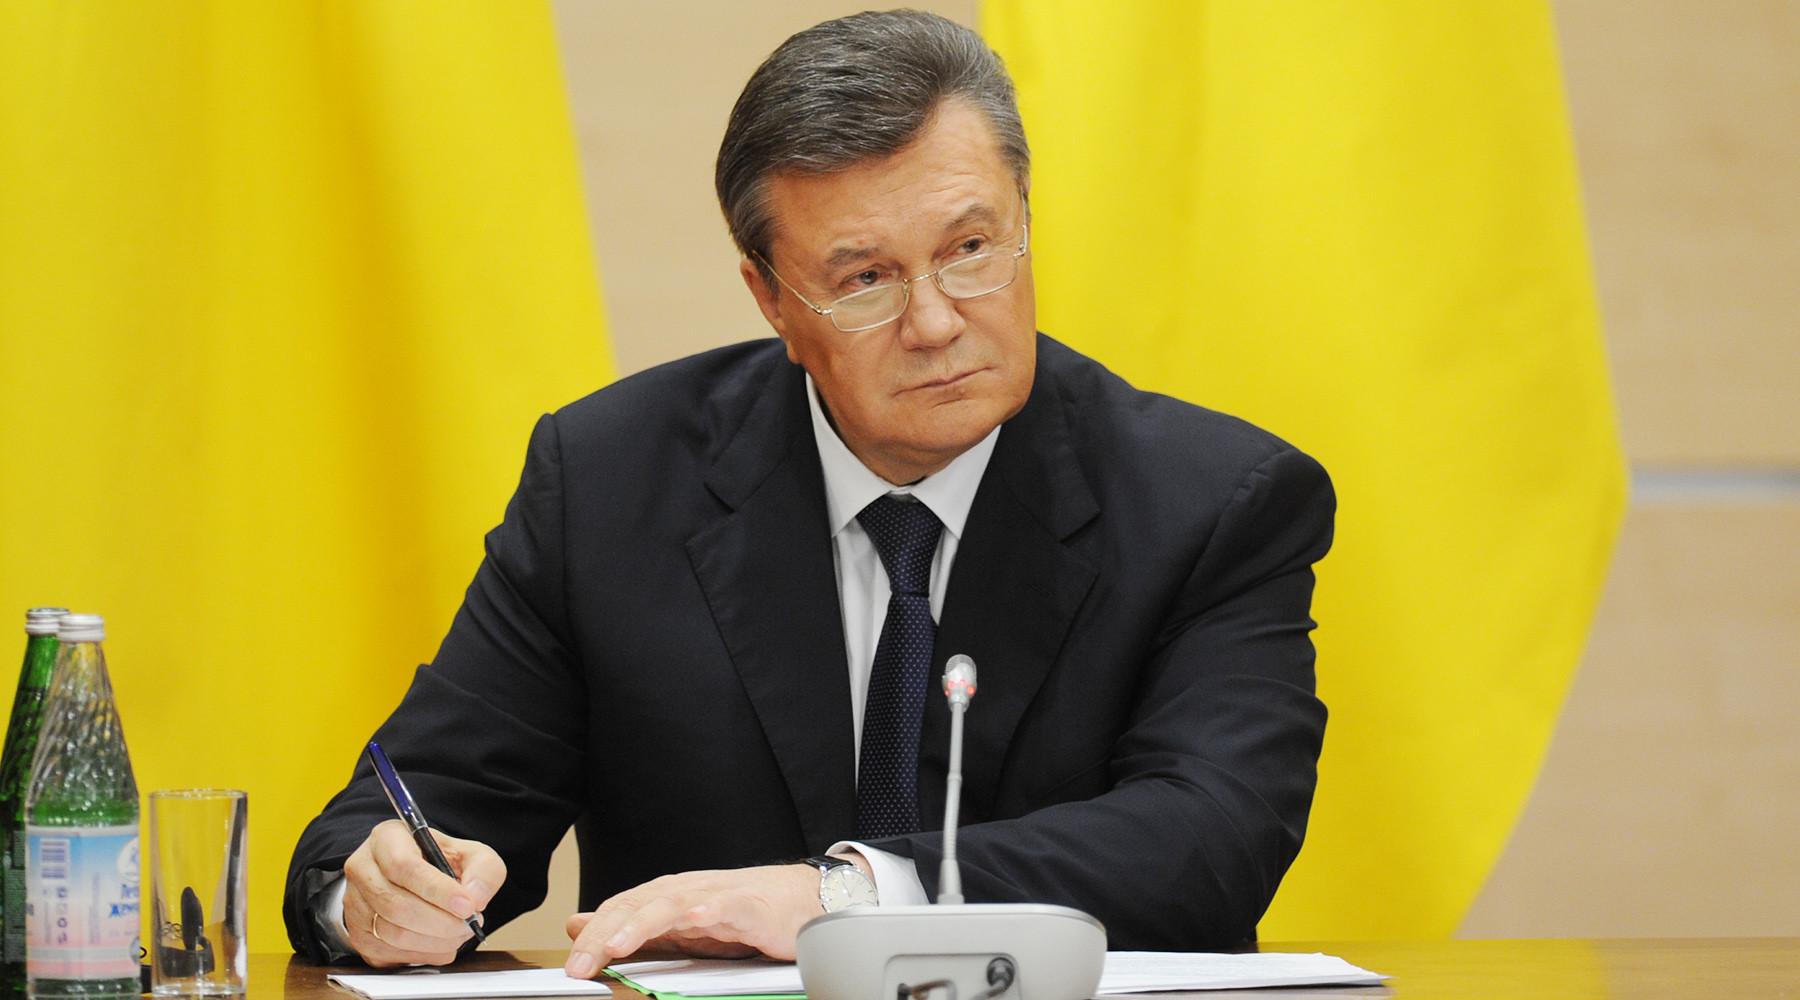 Хроники раскола: какой была бы Украина без разгона студенческого <b>«евромайдана»</b>